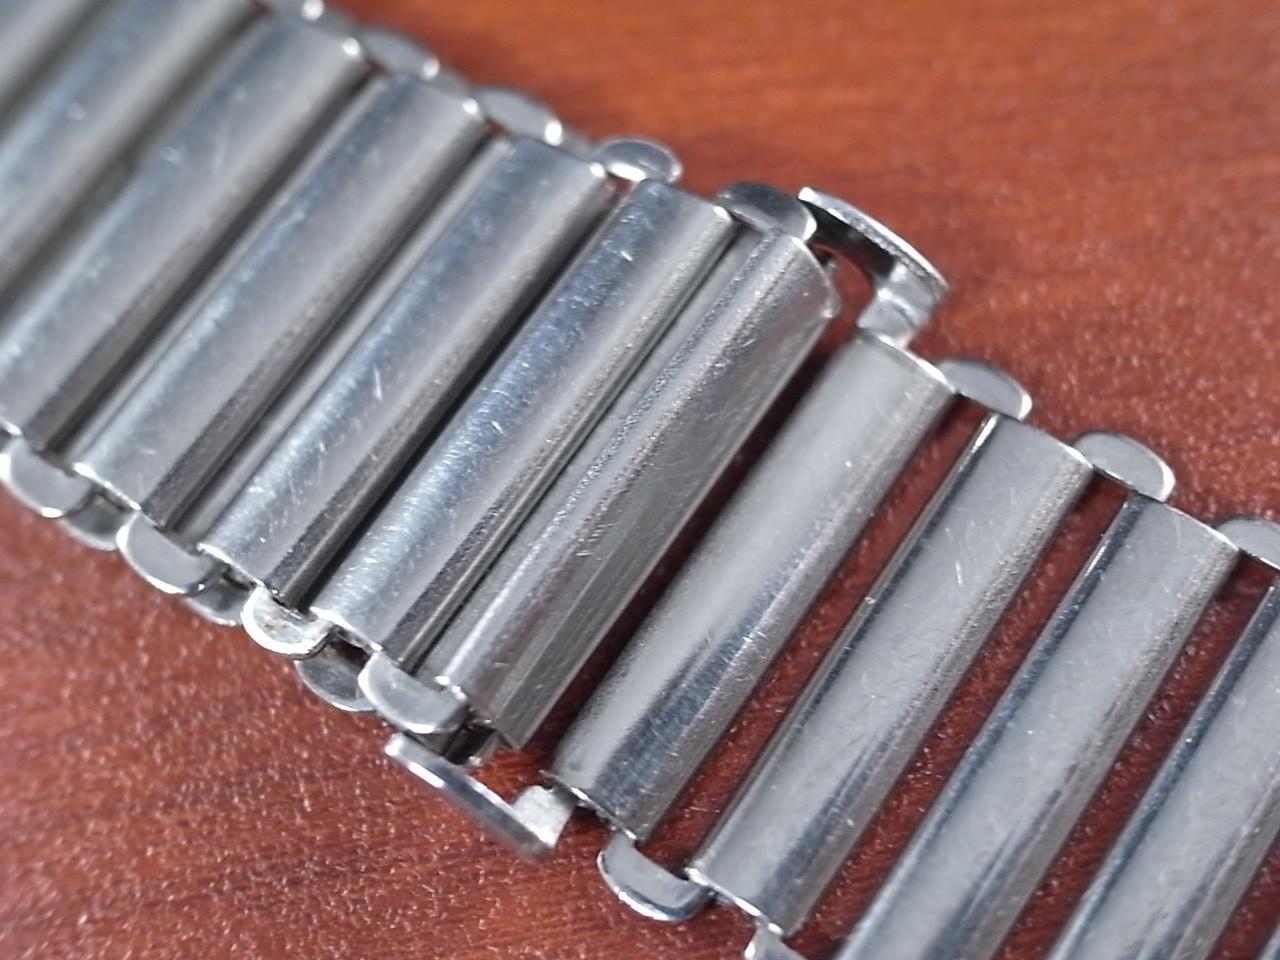 ボンクリップ バンブーブレス SS ブロック体ロゴ 16㎜タイプ 16㎜ BONKLIPの写真5枚目